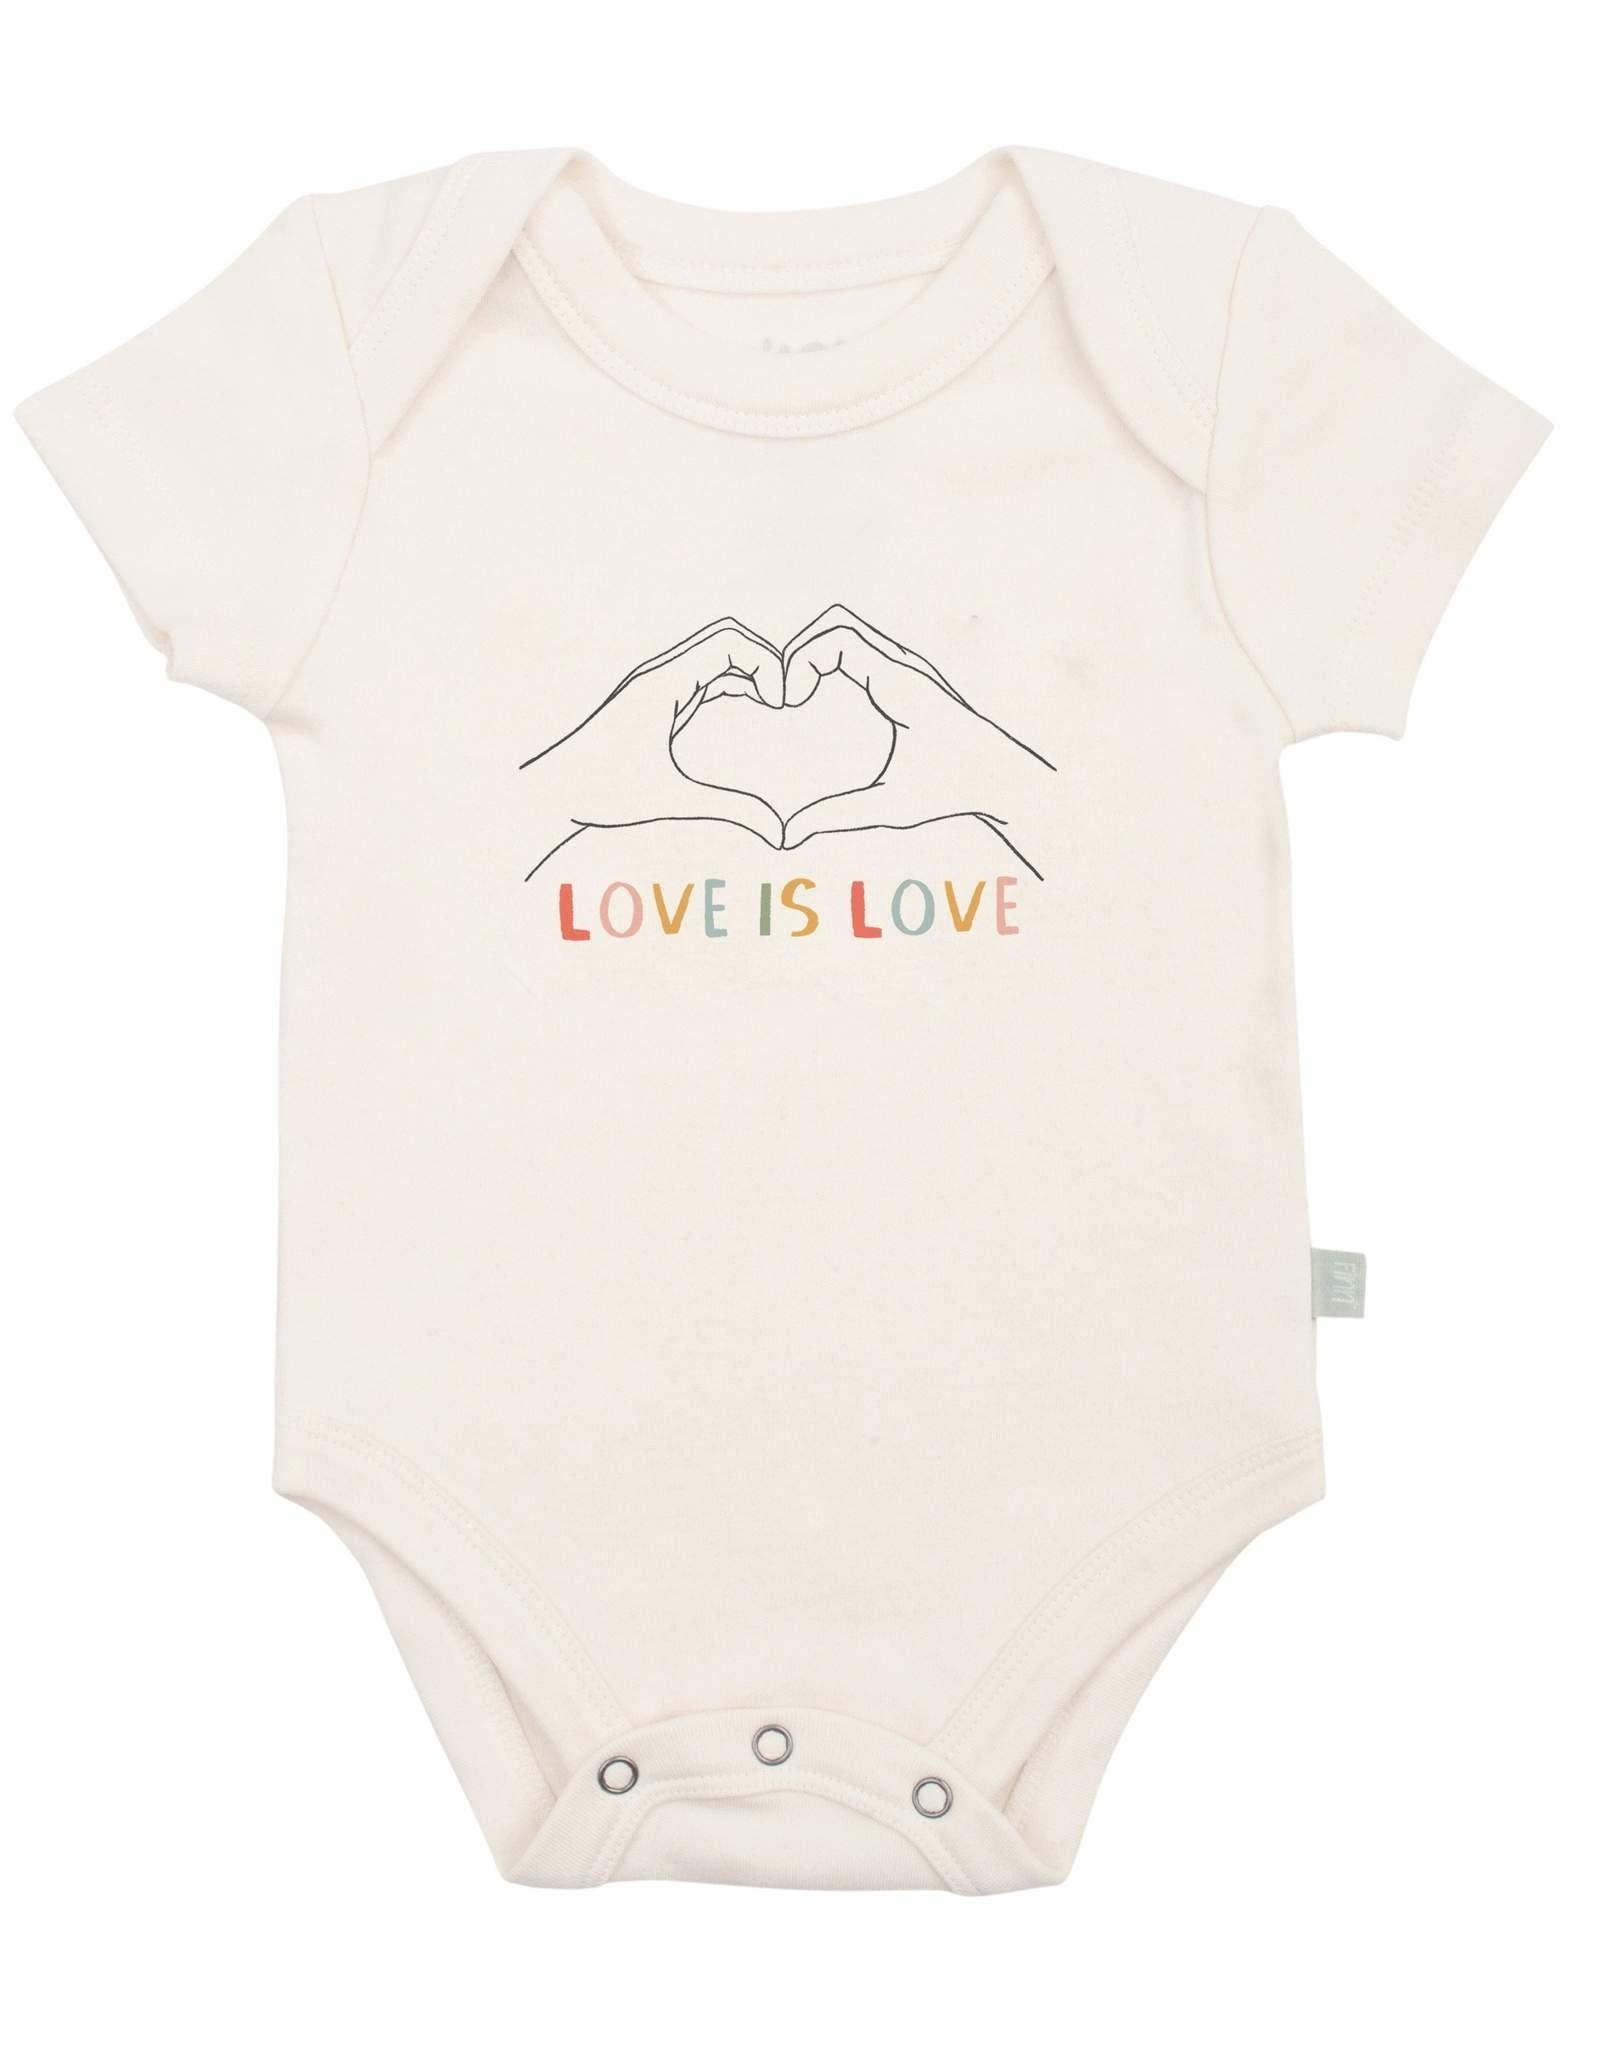 Finn + Emma Love Is Love Bodysuit